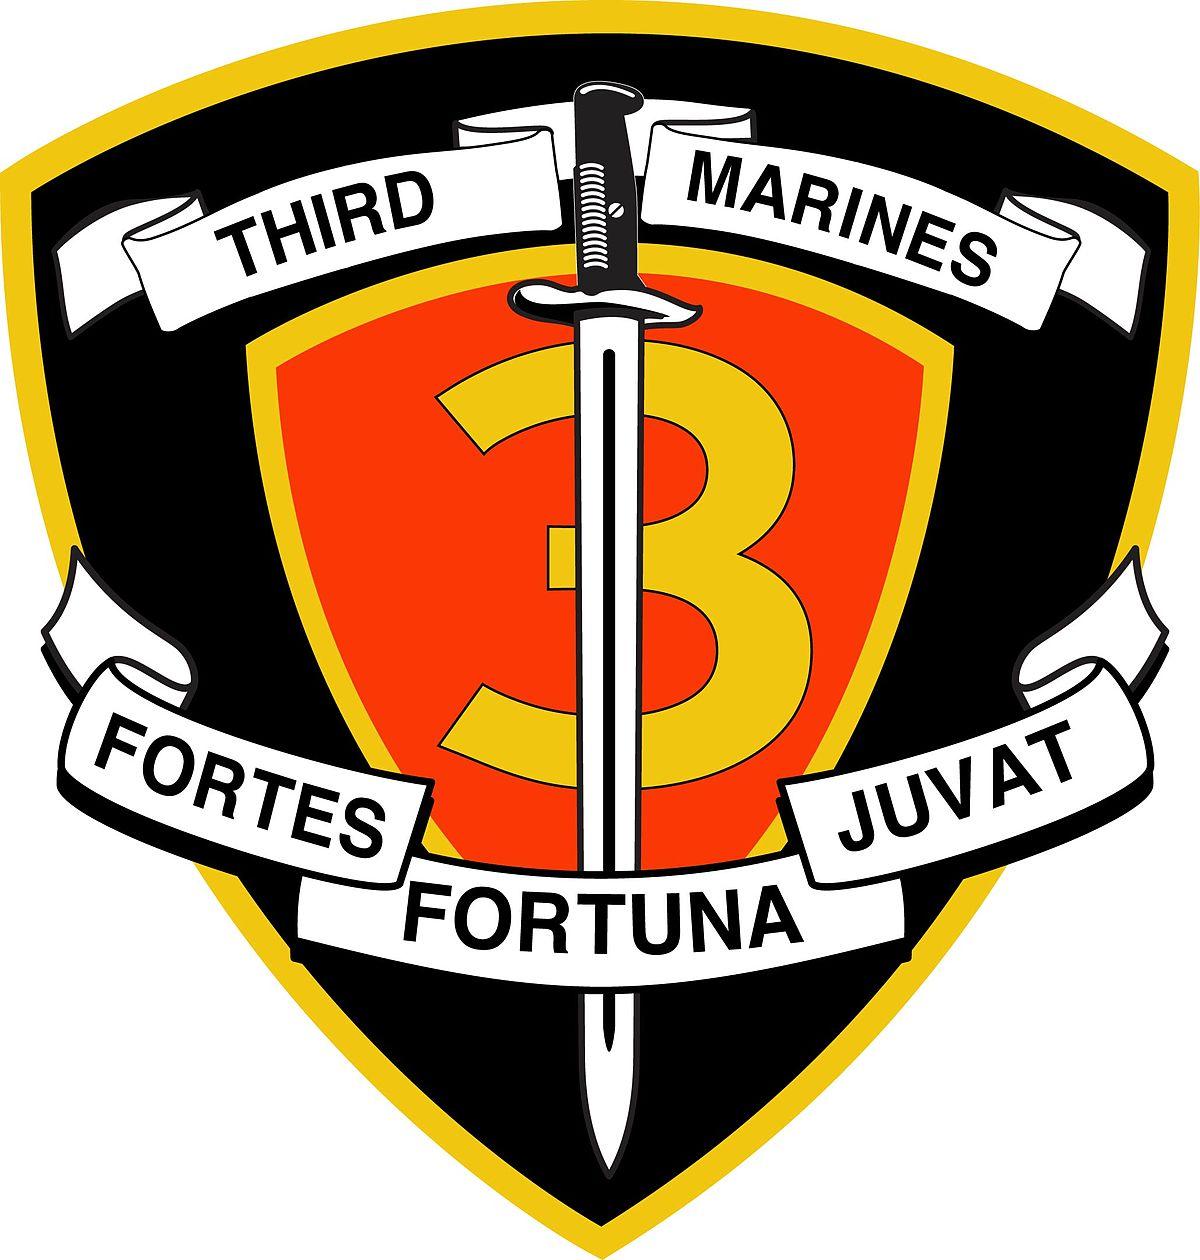 3rd Marine Regiment - Wikipedia